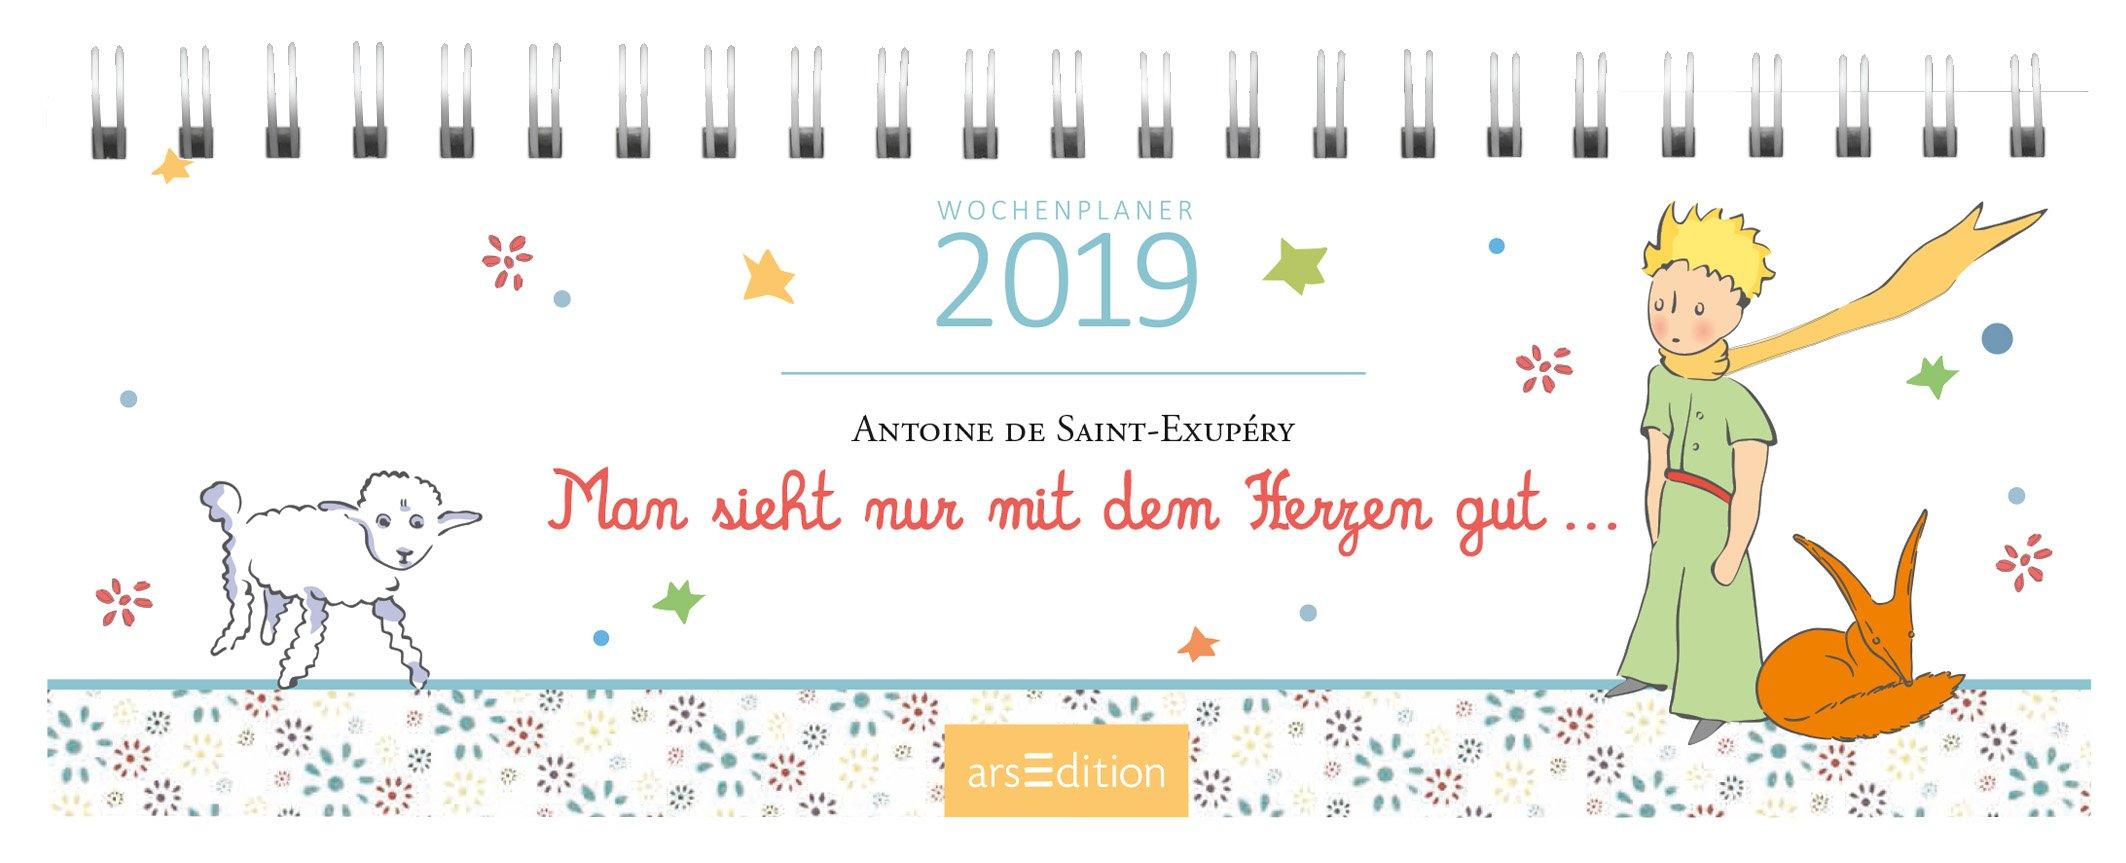 Man sieht nur mit dem Herzen gut 2019: Tischkalender